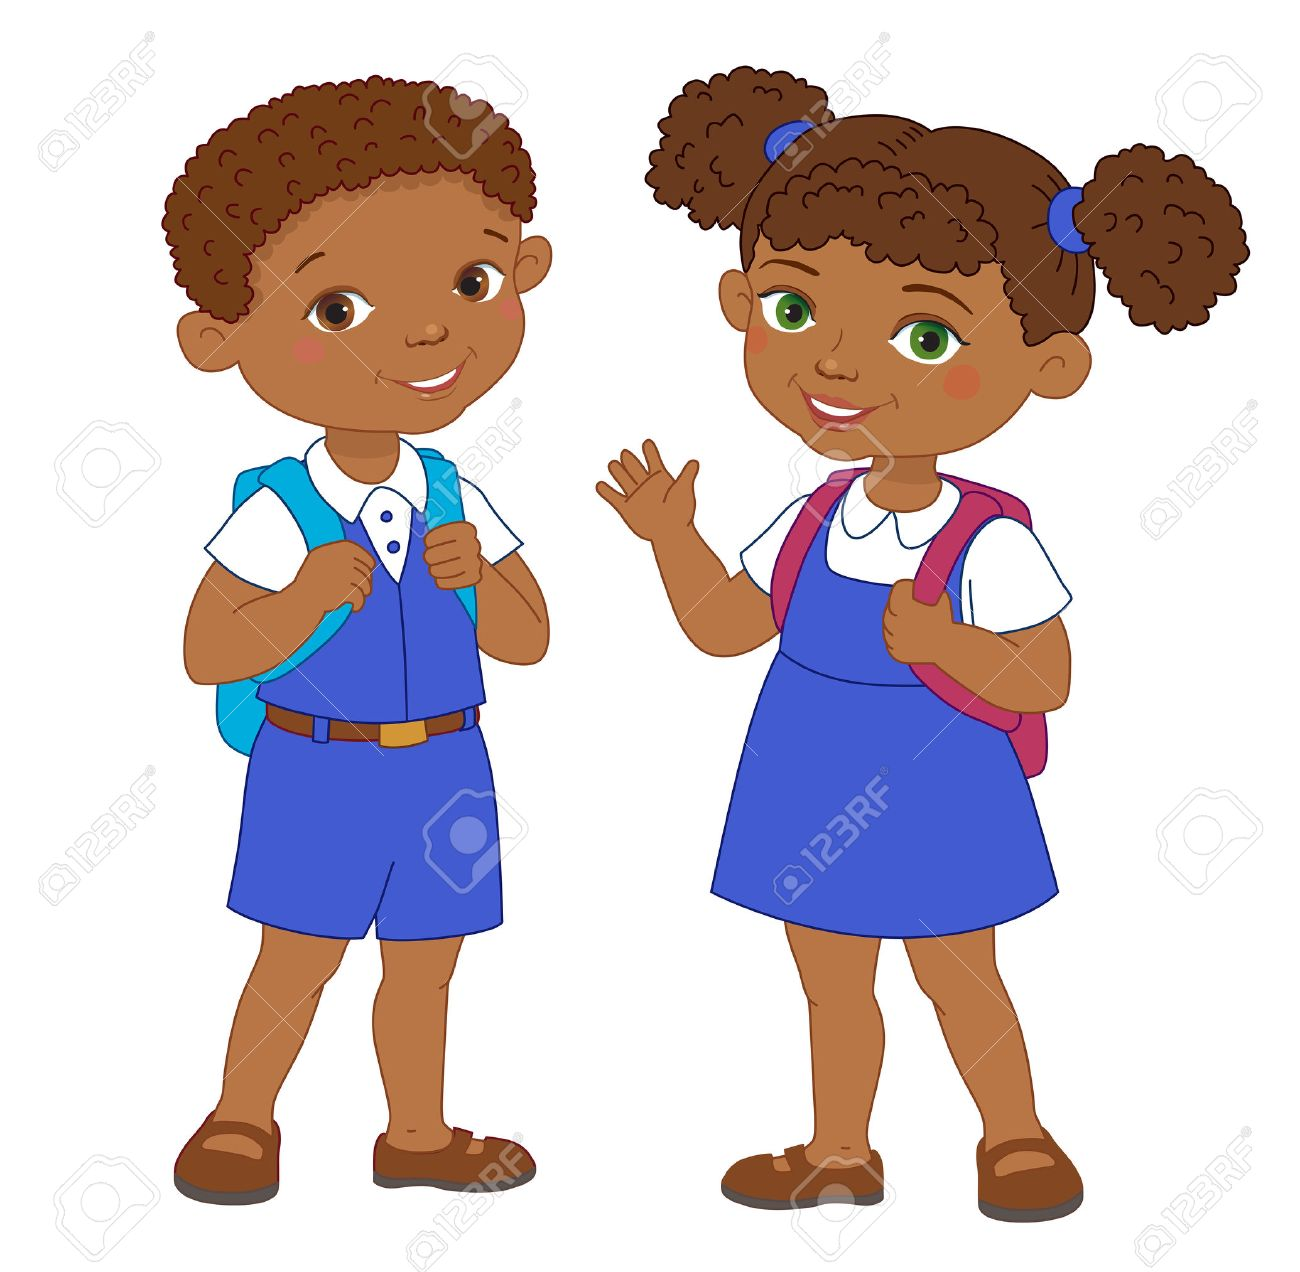 Garçon Et Fille Avec élève Africain De Sacs à Dos Restent Vecteur Isolé école De Dessin Animé